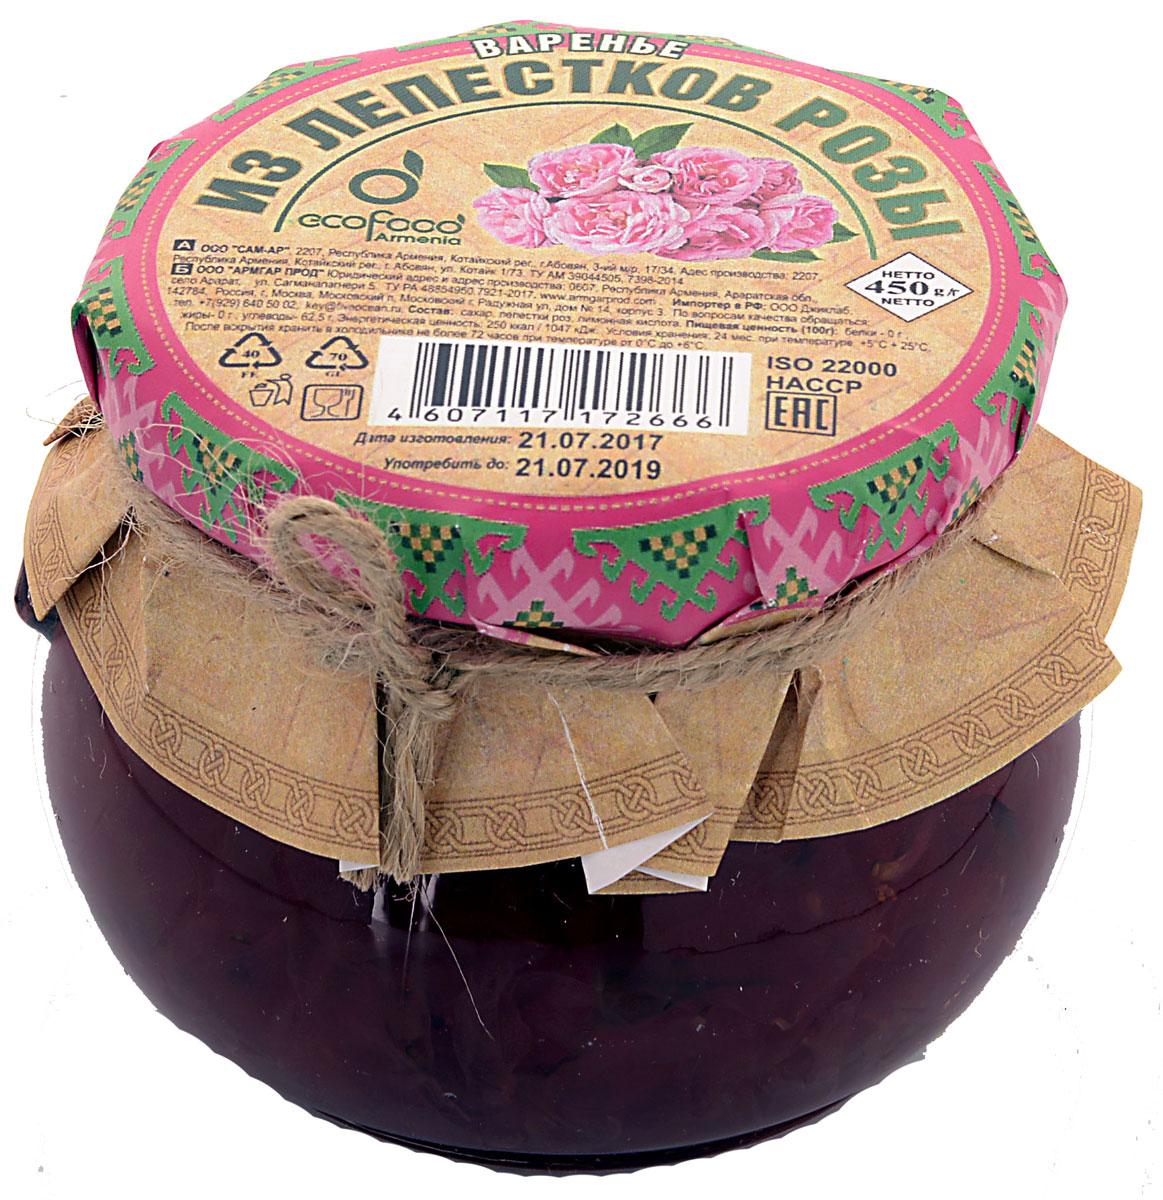 Ecofood варенье из лепестков розы, 450 г arma варенье из инжира 300 г